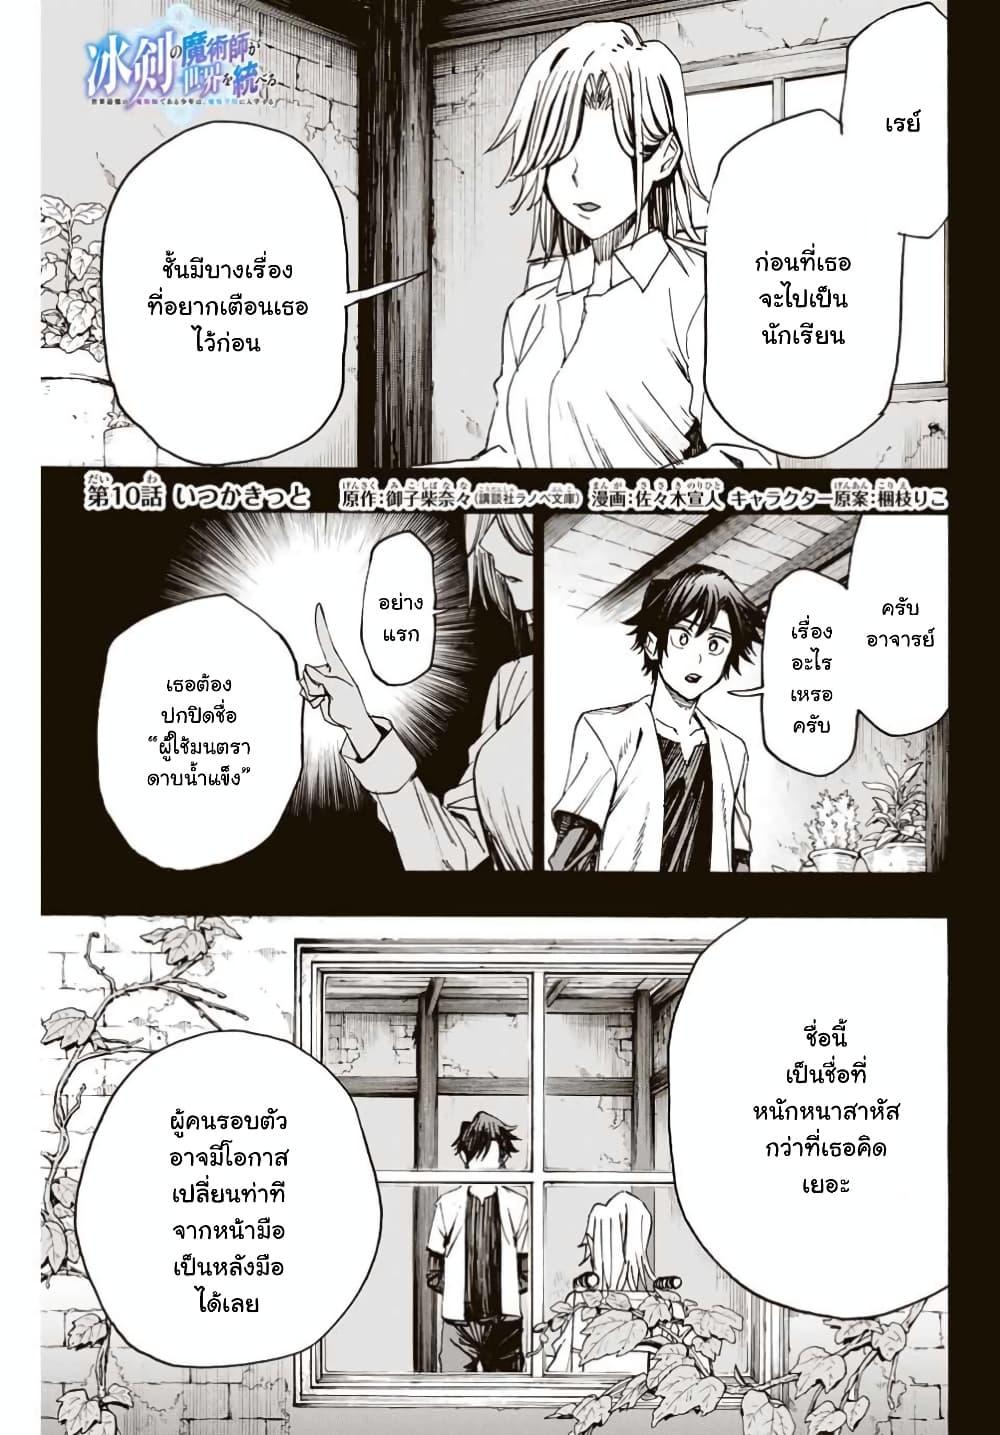 Hyouken no Majutsushi ga Sekai wo Suberu-ตอนที่ 10